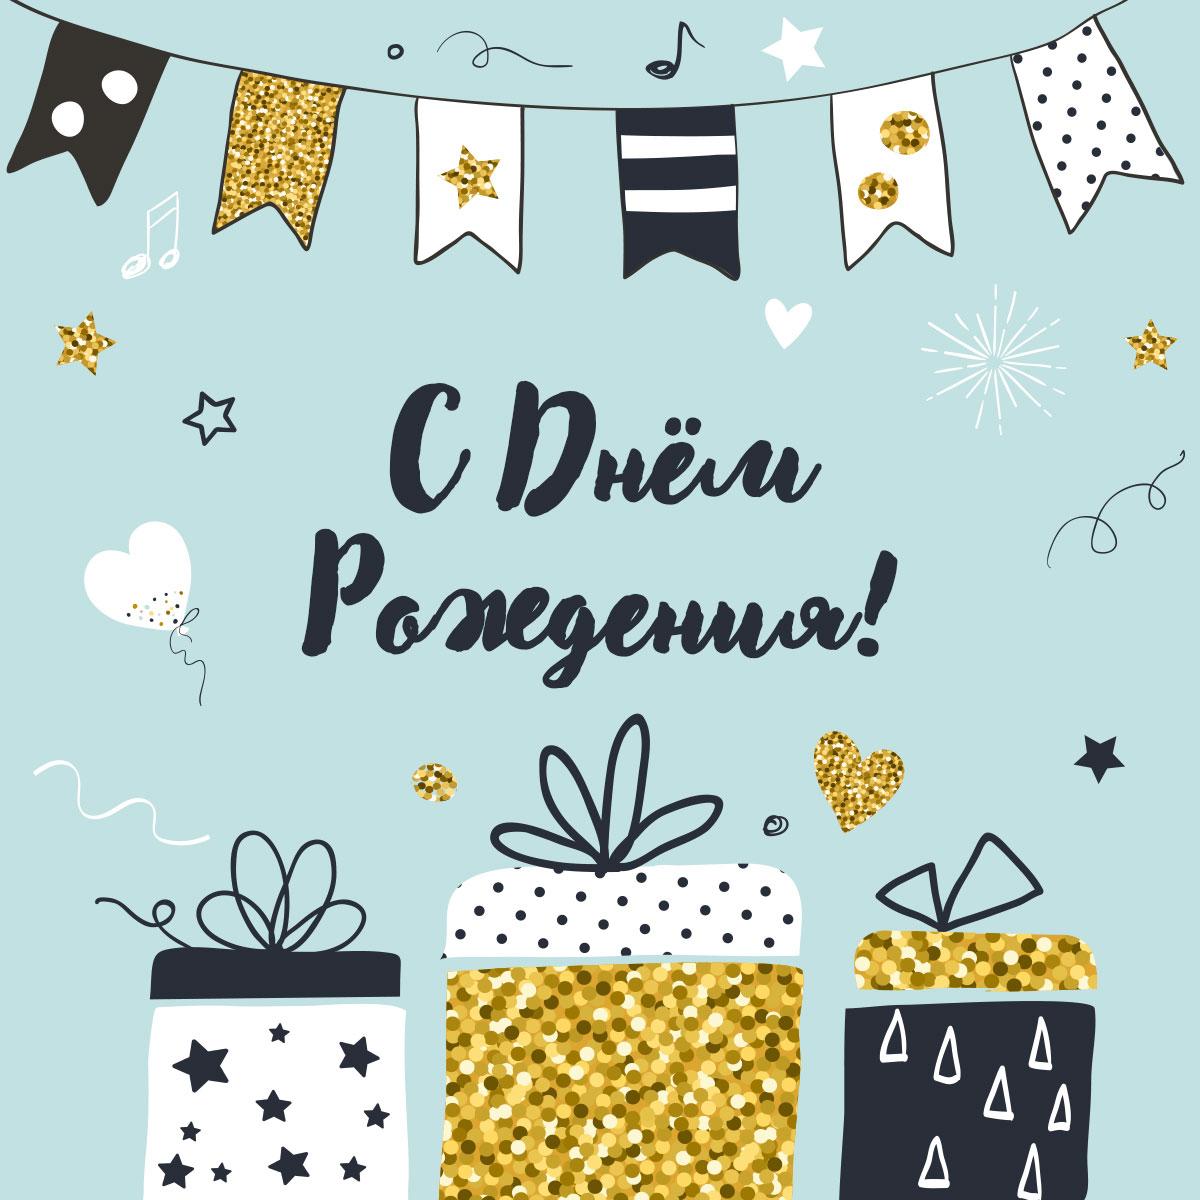 Картинка с текстом - подарочная открытка с днем рождения на голубом с золотом фоне